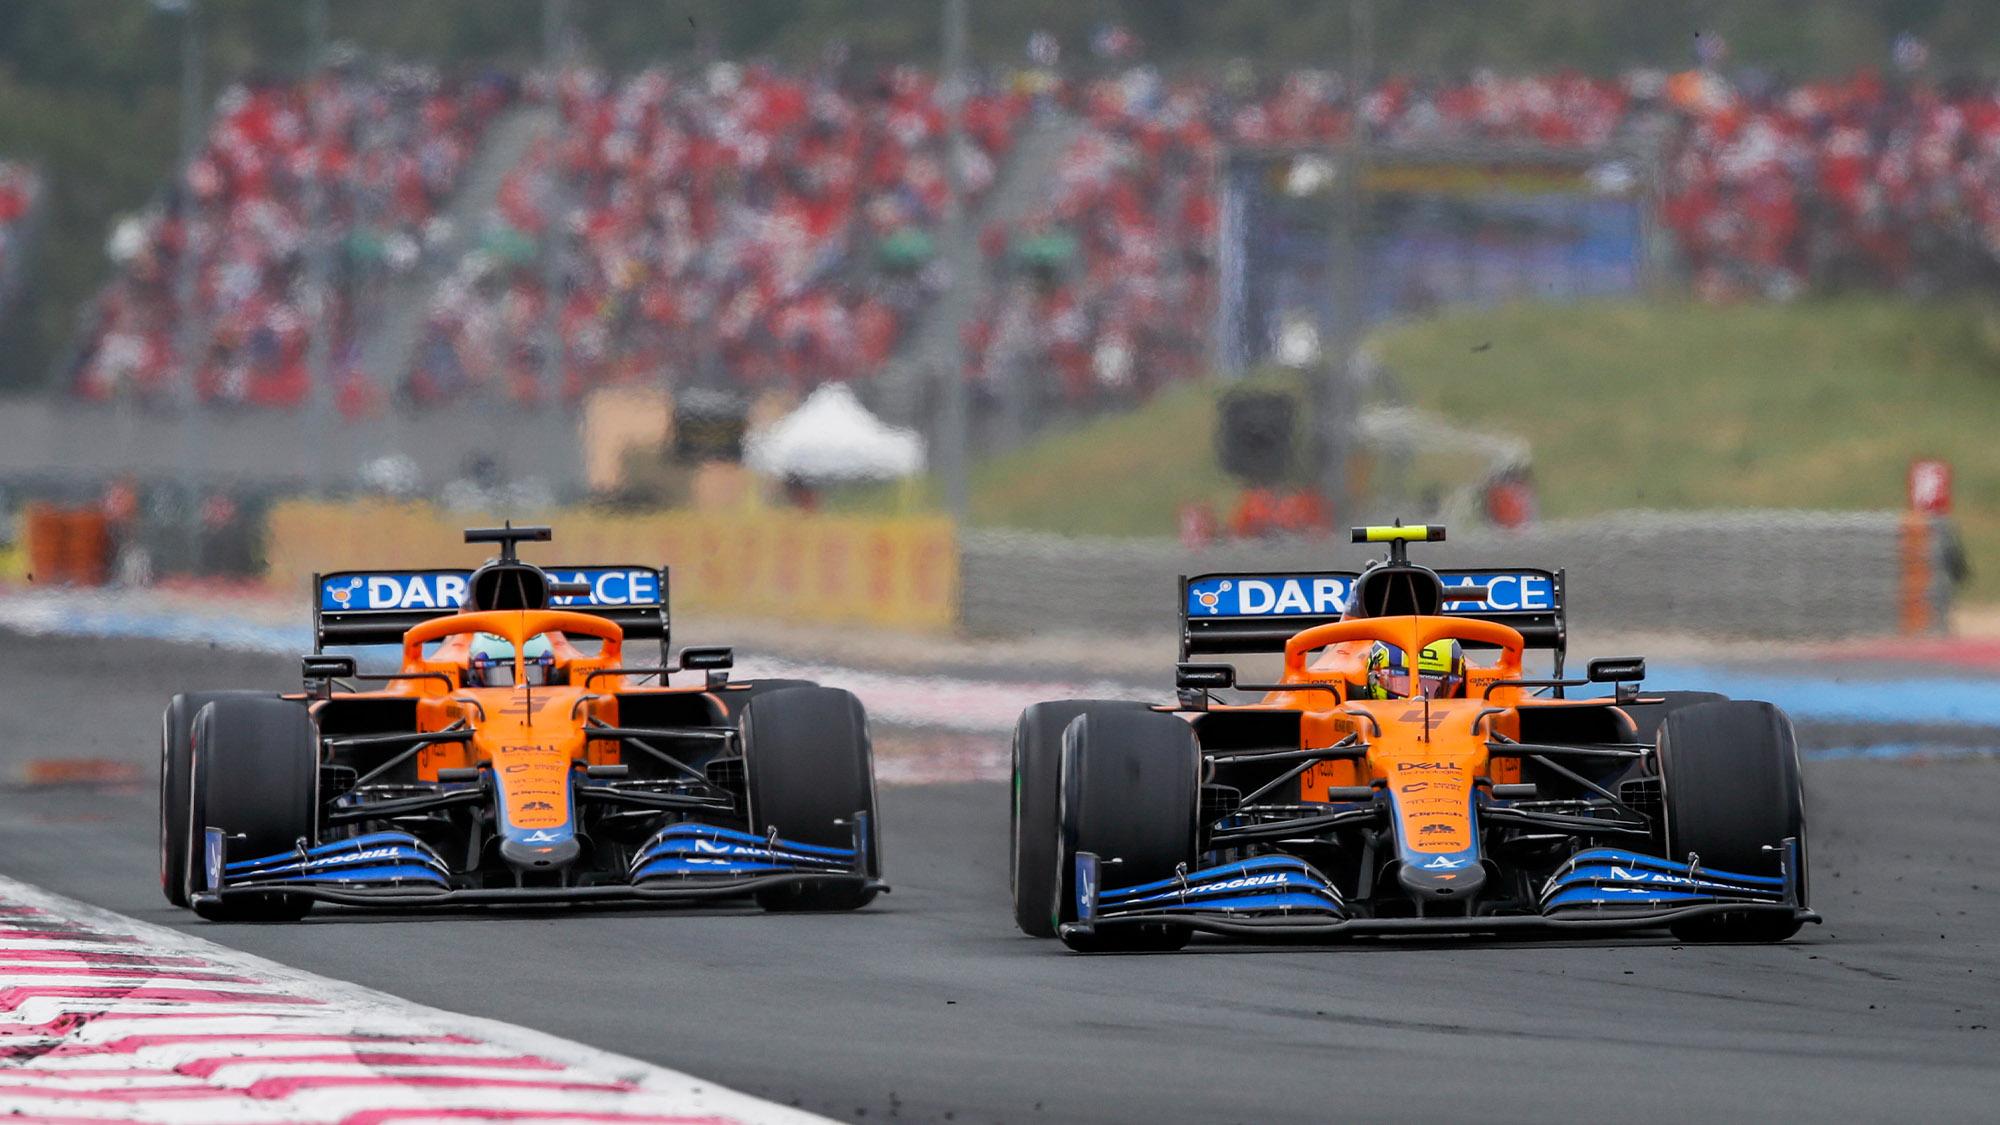 Daniel Ricciardo and Lando Norris in the 2021 French Grand Prix